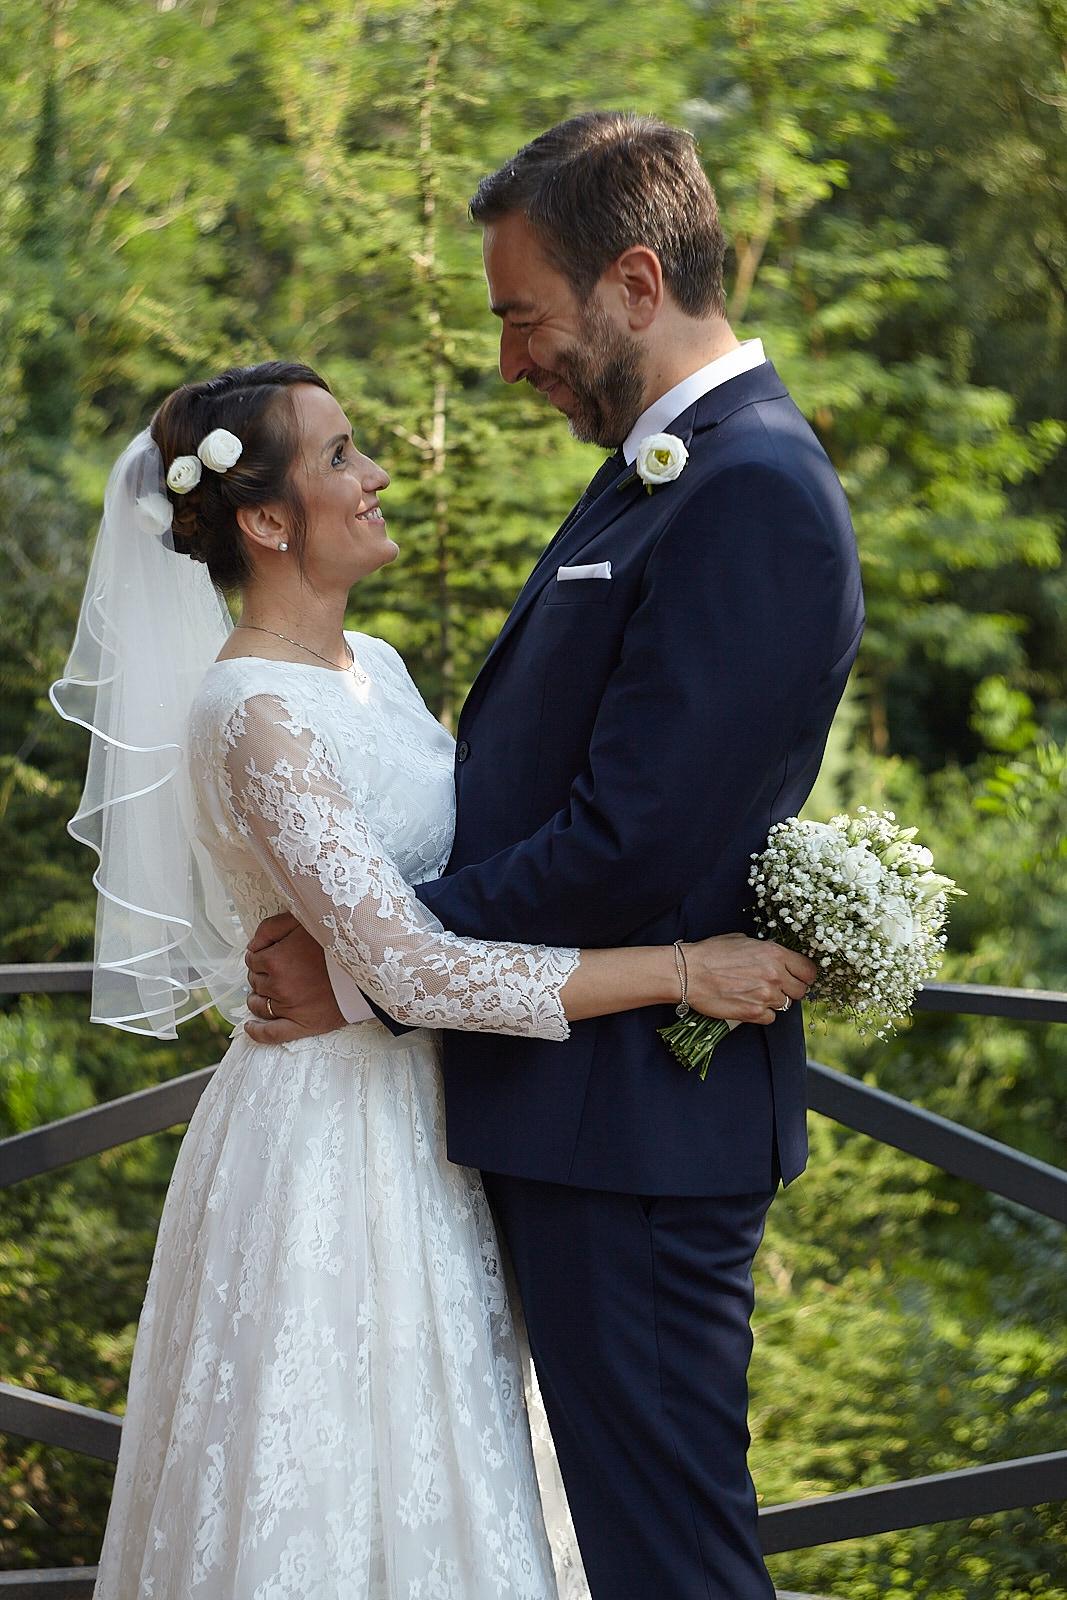 matrimonio sposi stile vestito velo colline castello piante